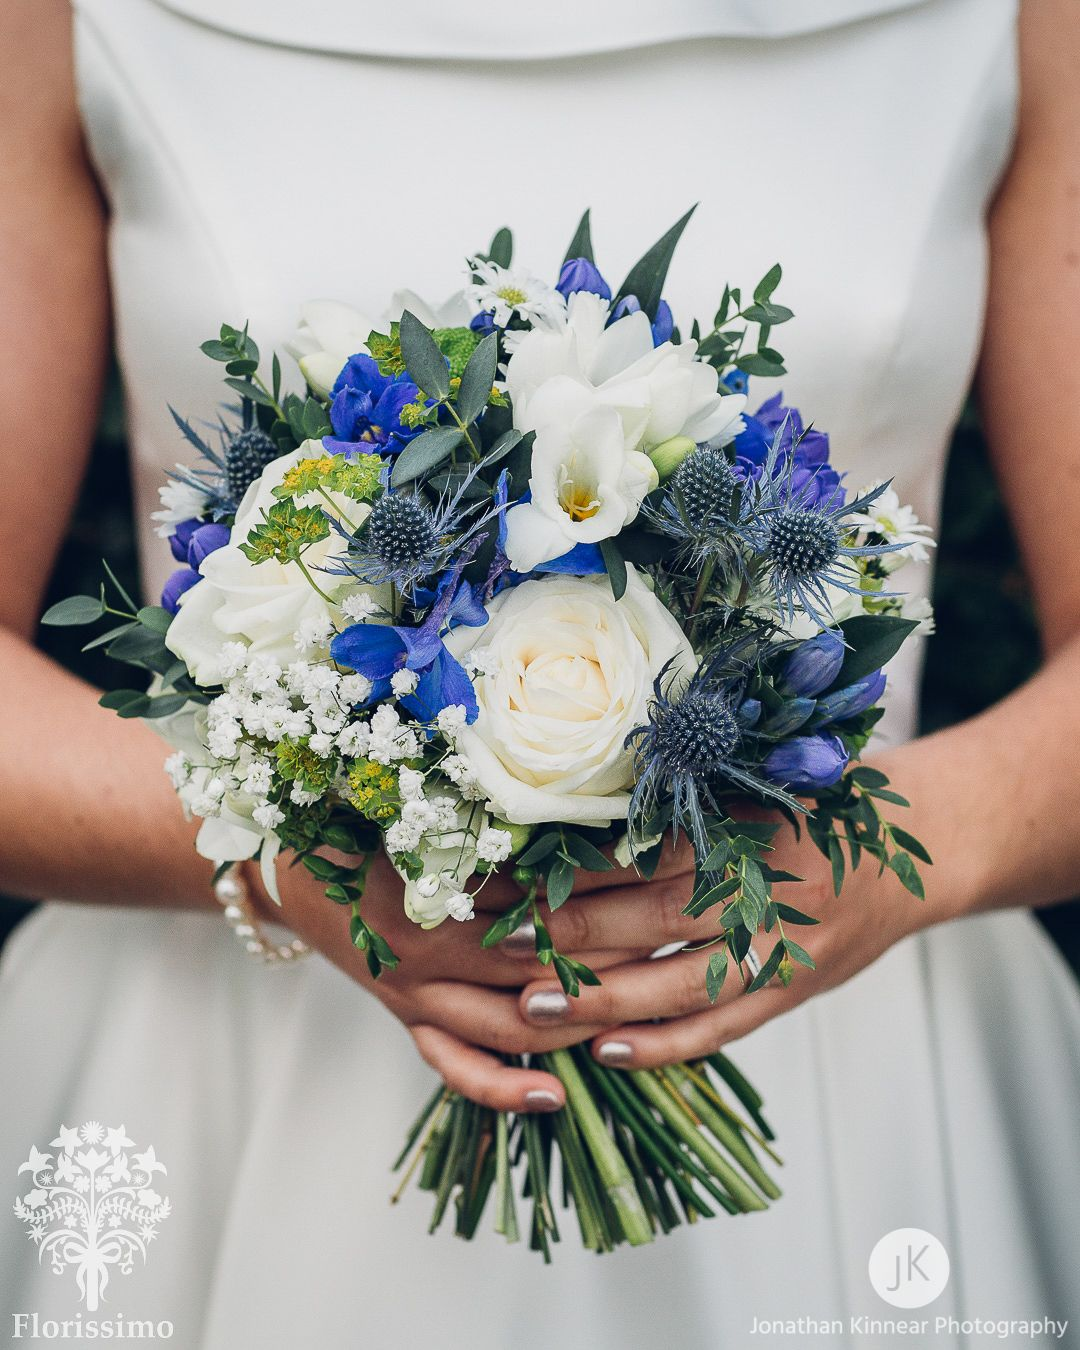 Sinivalkoinen kimppu valkoisista ruusuista, valkoisista freesioista, valkoisista harsokukista, vihreistä krysanteemeista ja sinisistä ritarinkannuksista.